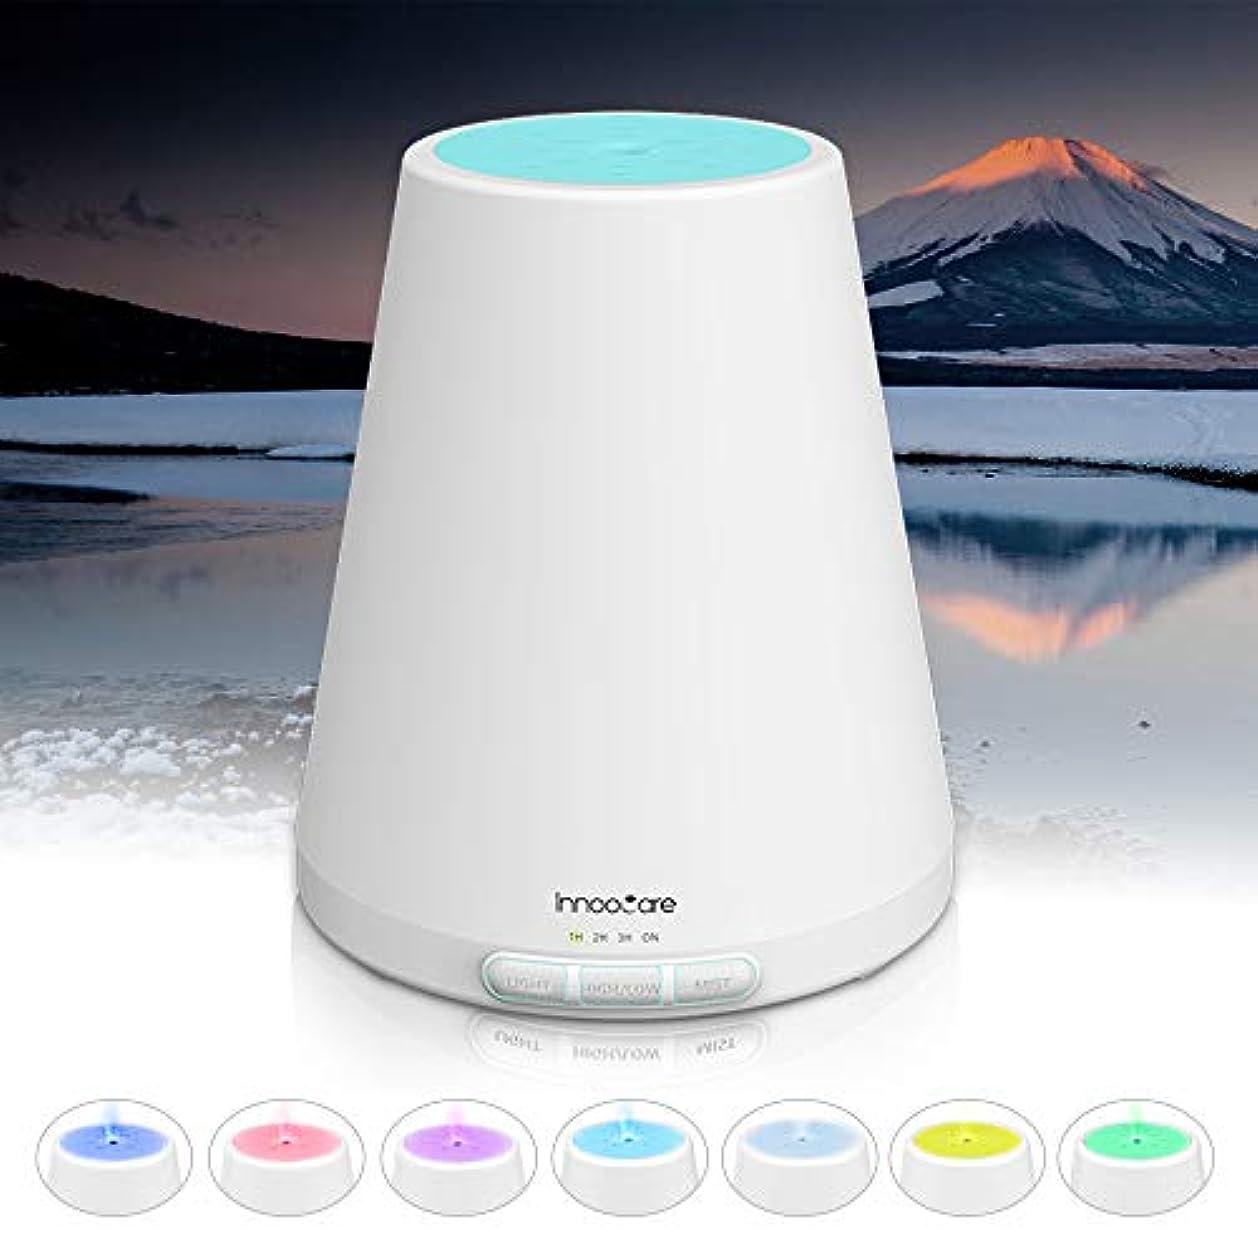 色アライアンス負担アロマディフューザー 300ml, ディフューザー アロマ加湿器, アロマでぃふゅーざー超音波 空気清浄機 7色変換LED